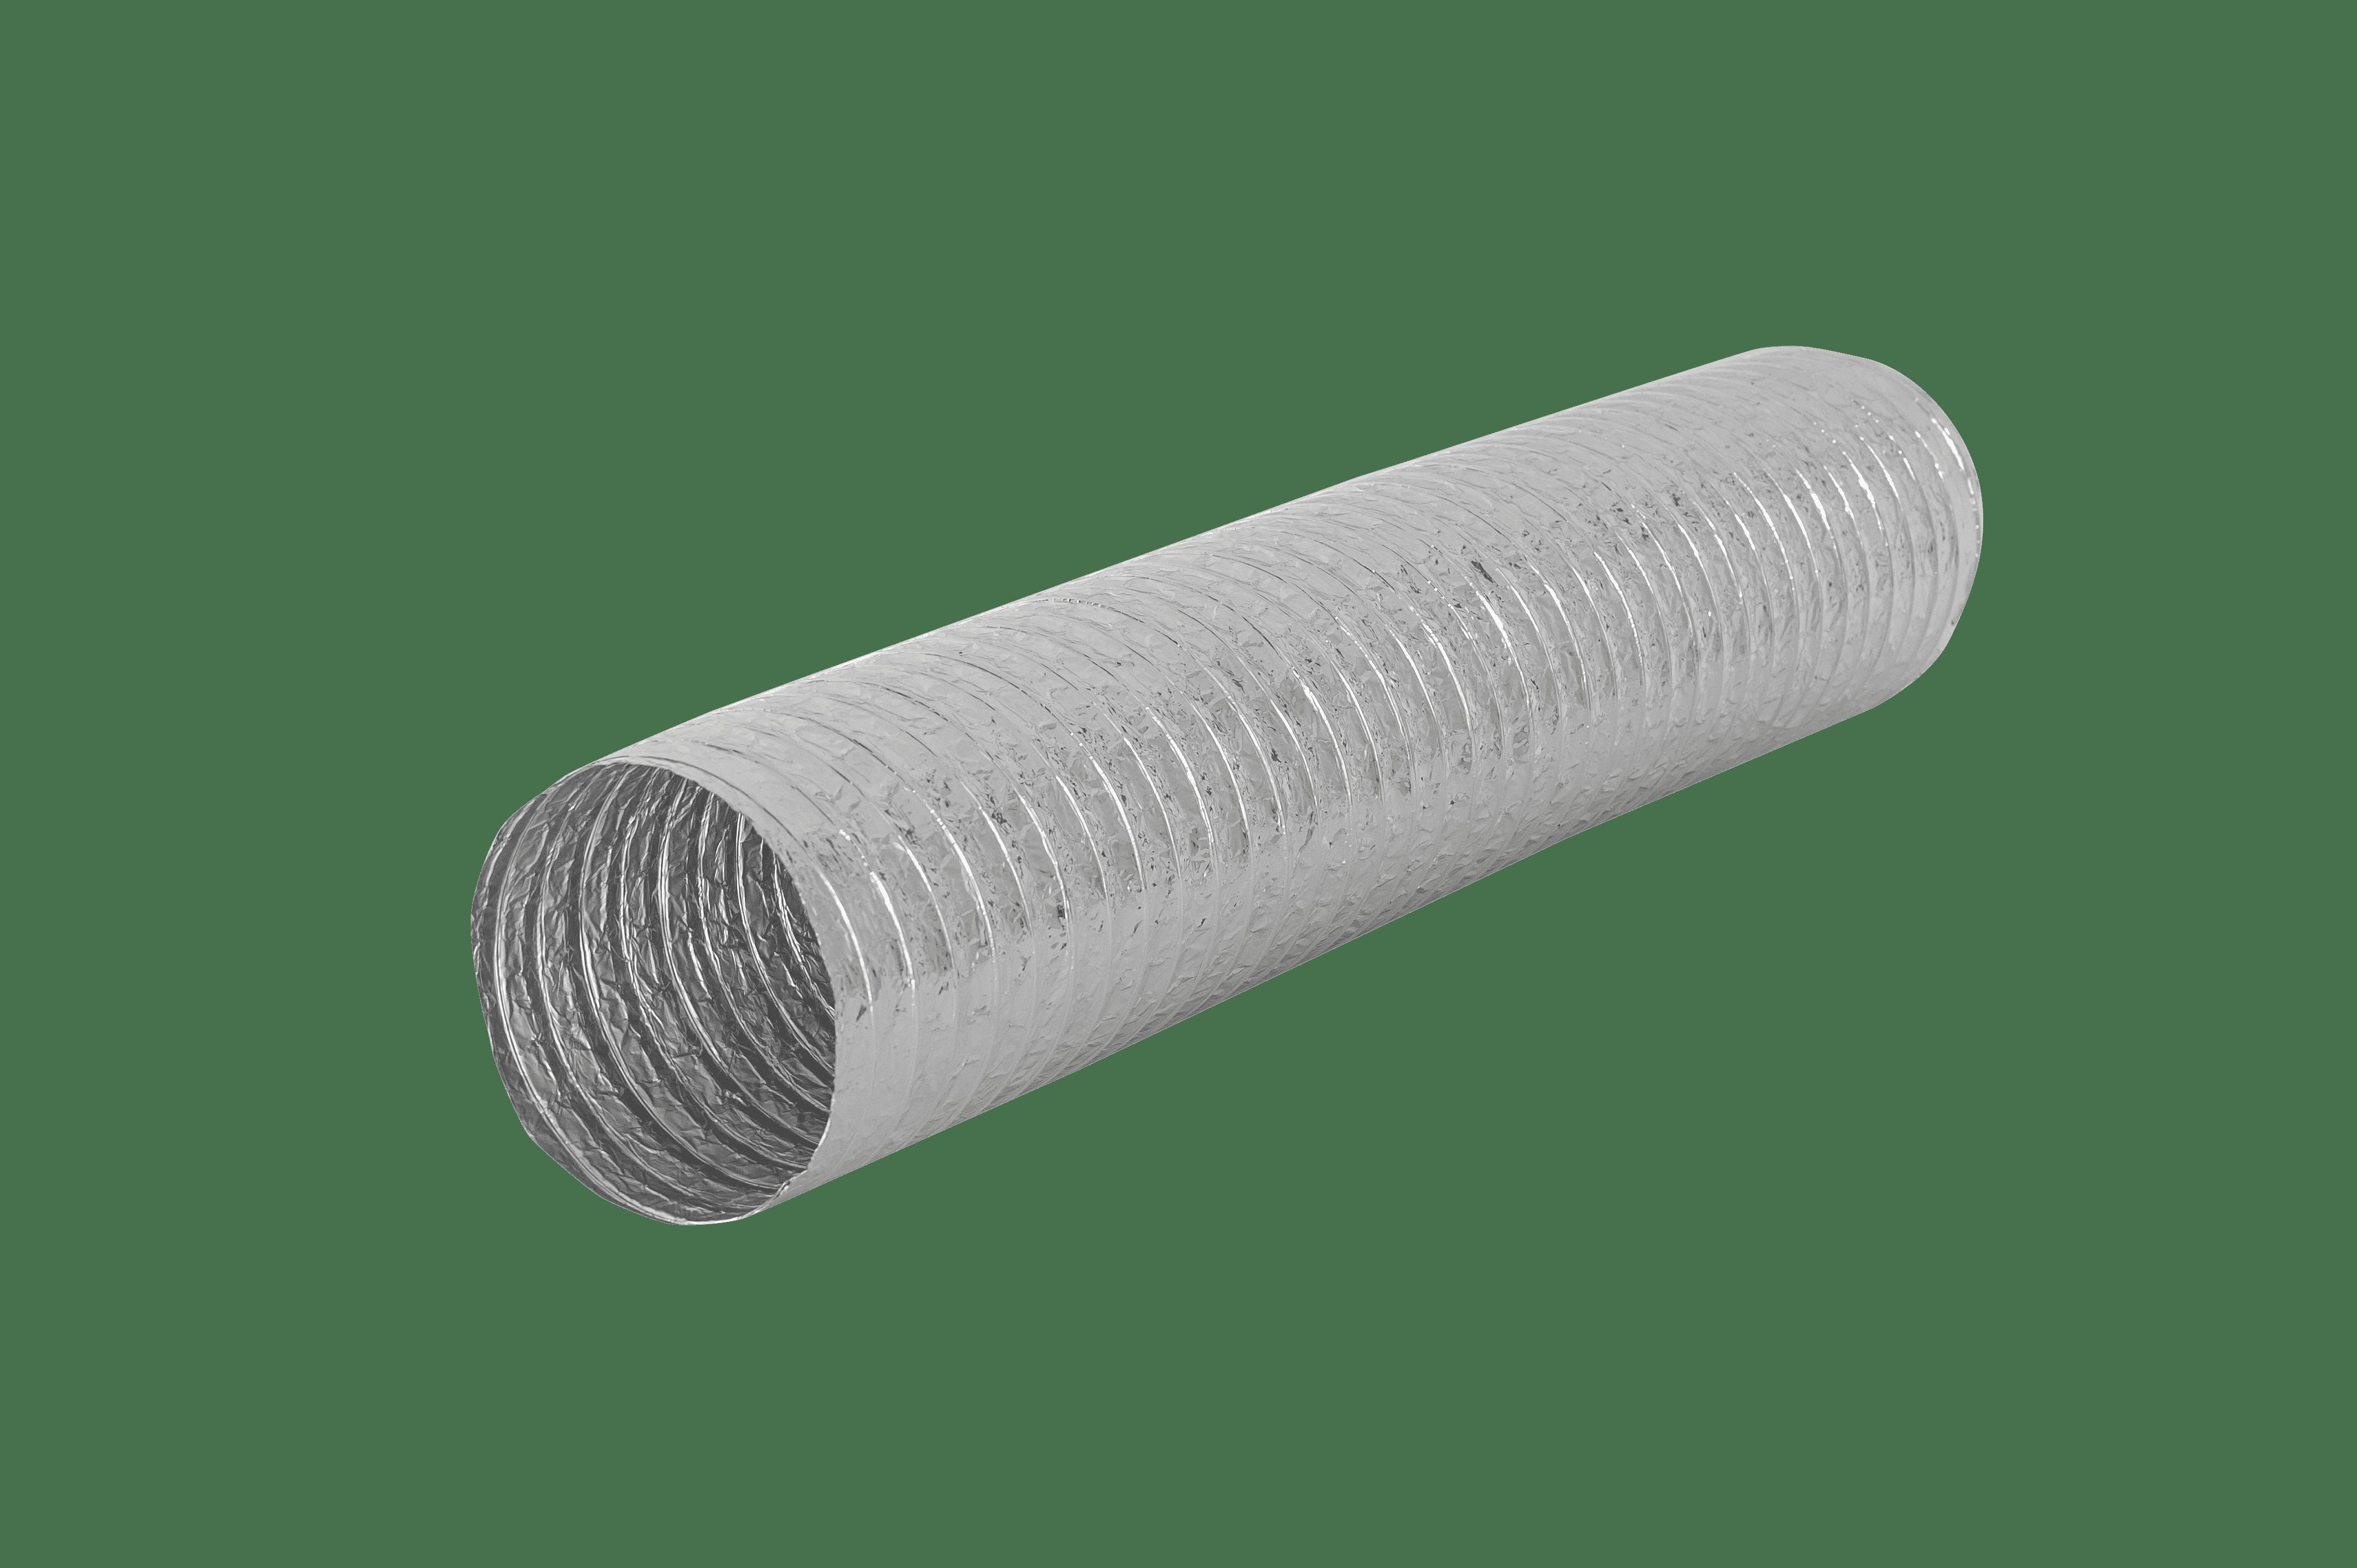 Aluflexschlauch (Lüftungsschlauch) Ø 250 mm 10 m